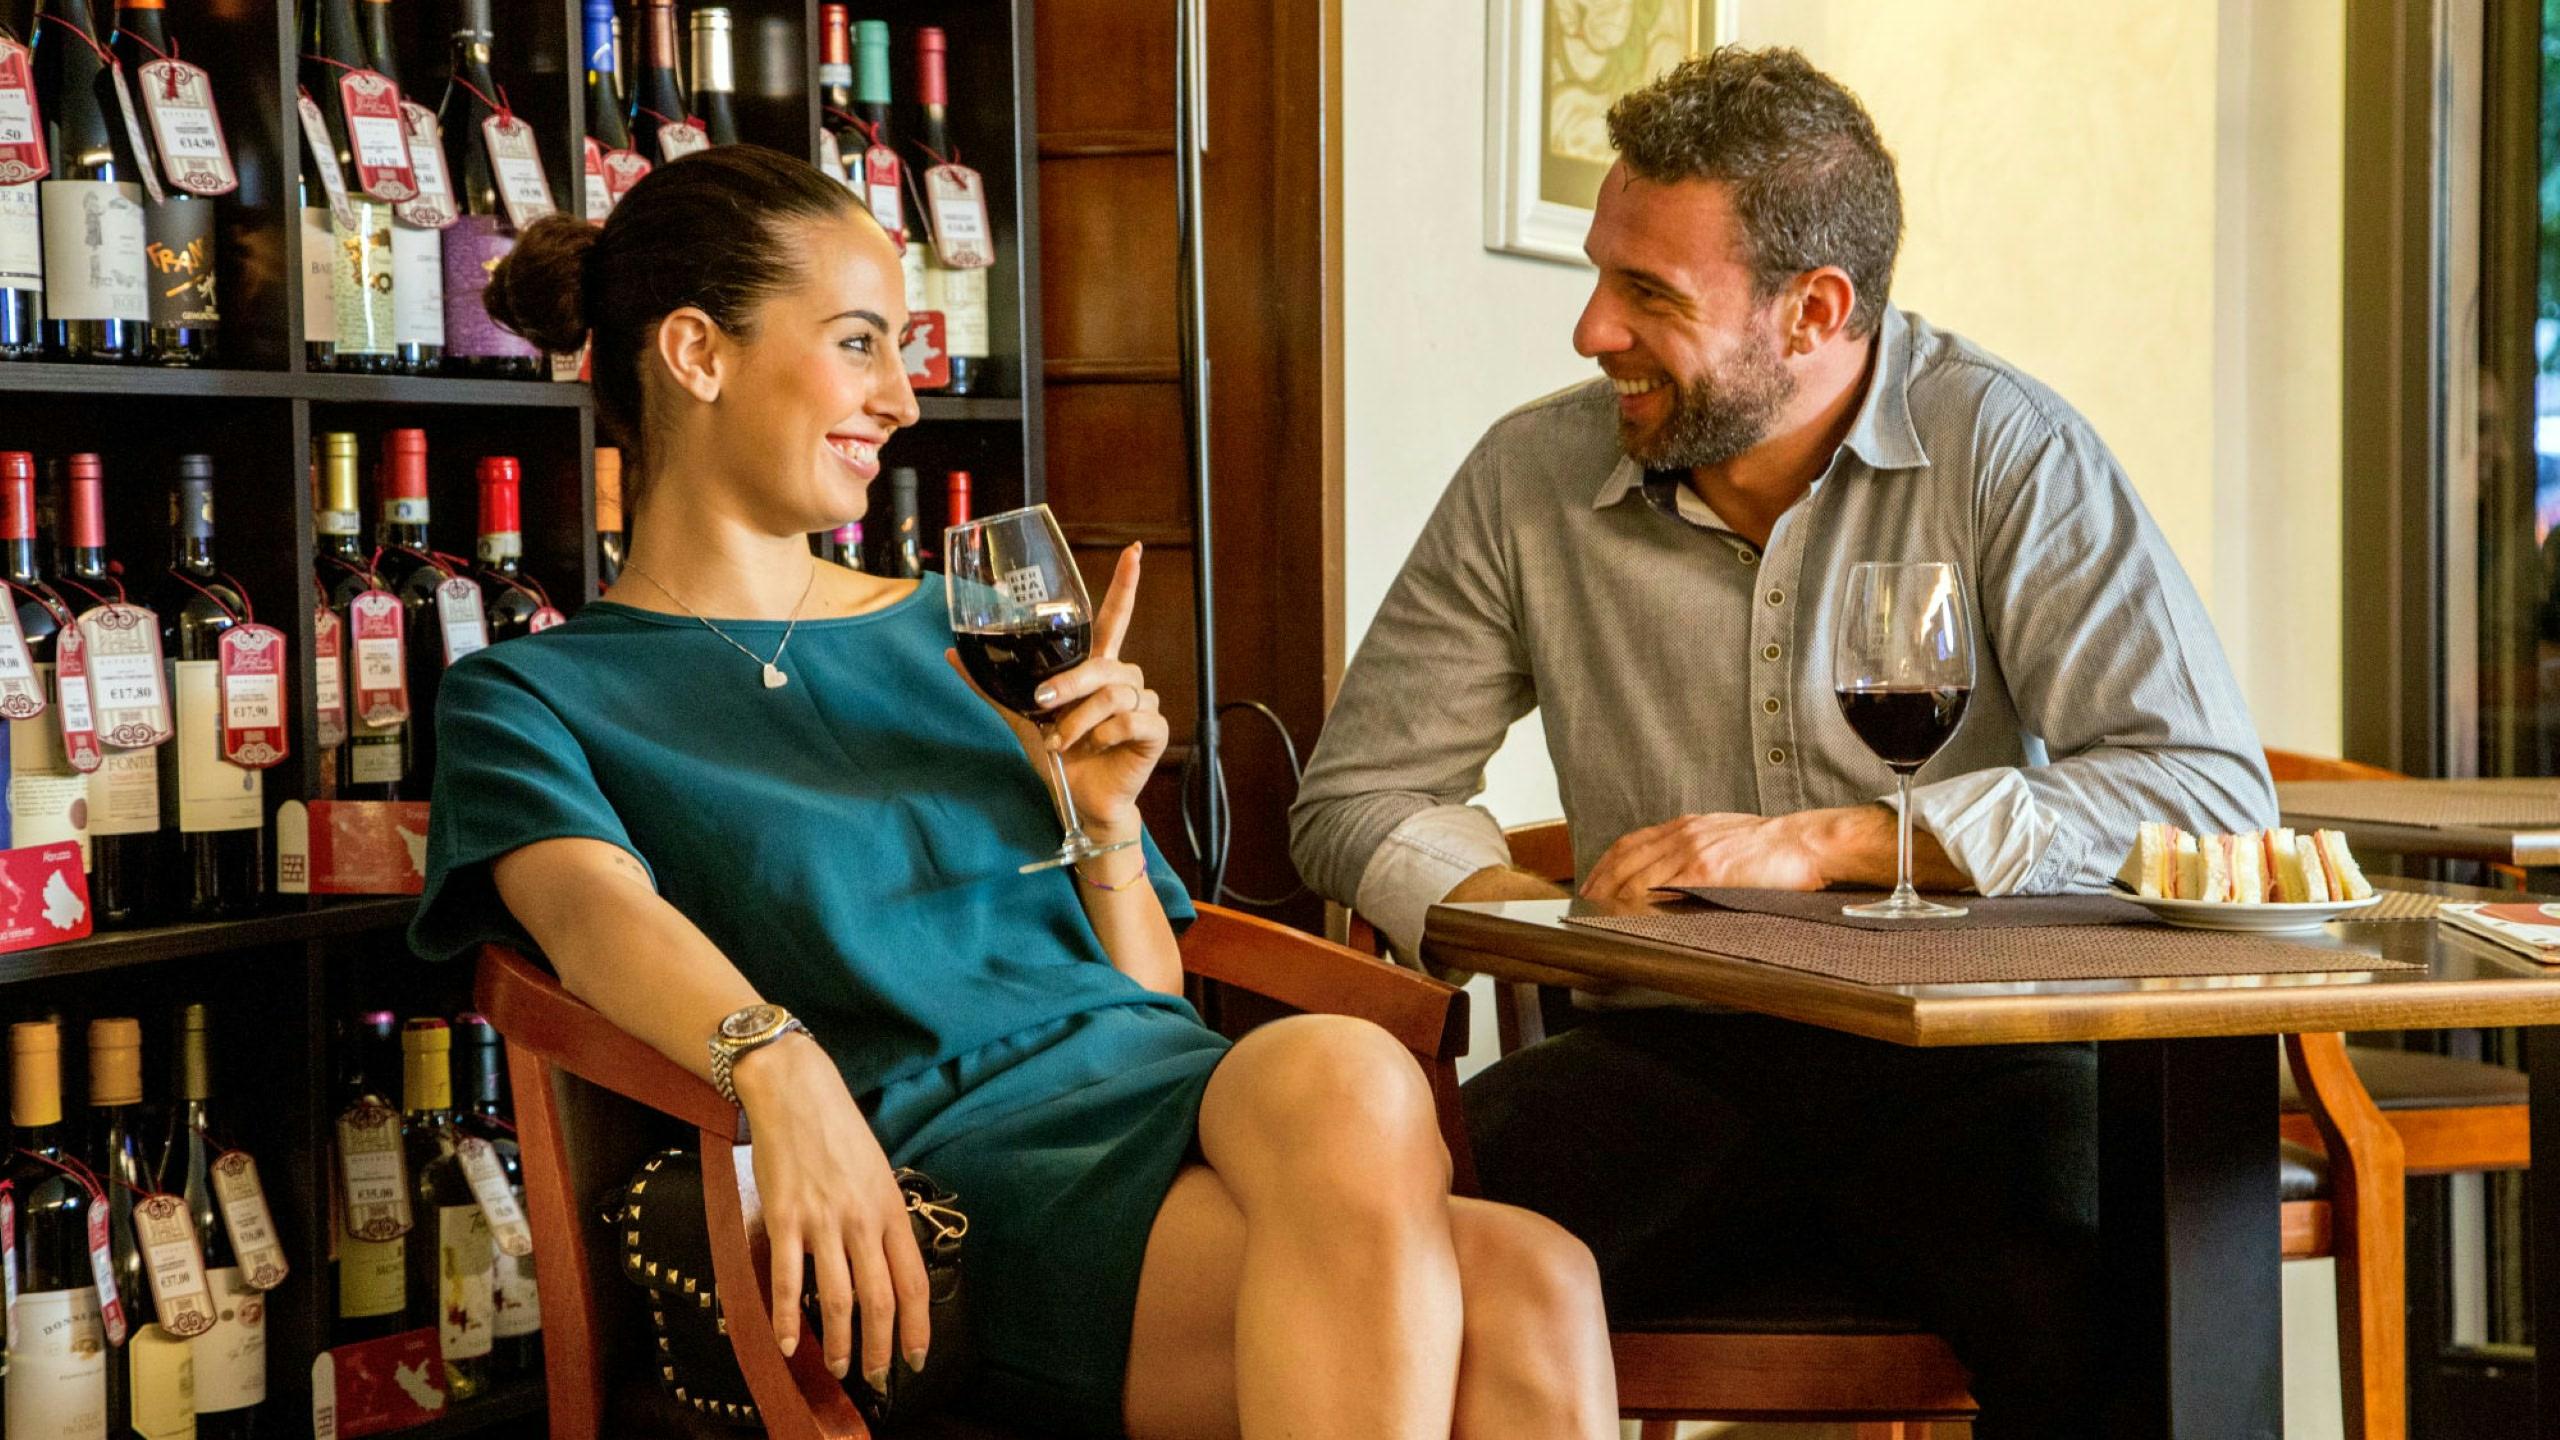 фото-отель-Оксфорд-Рим-винотека-17